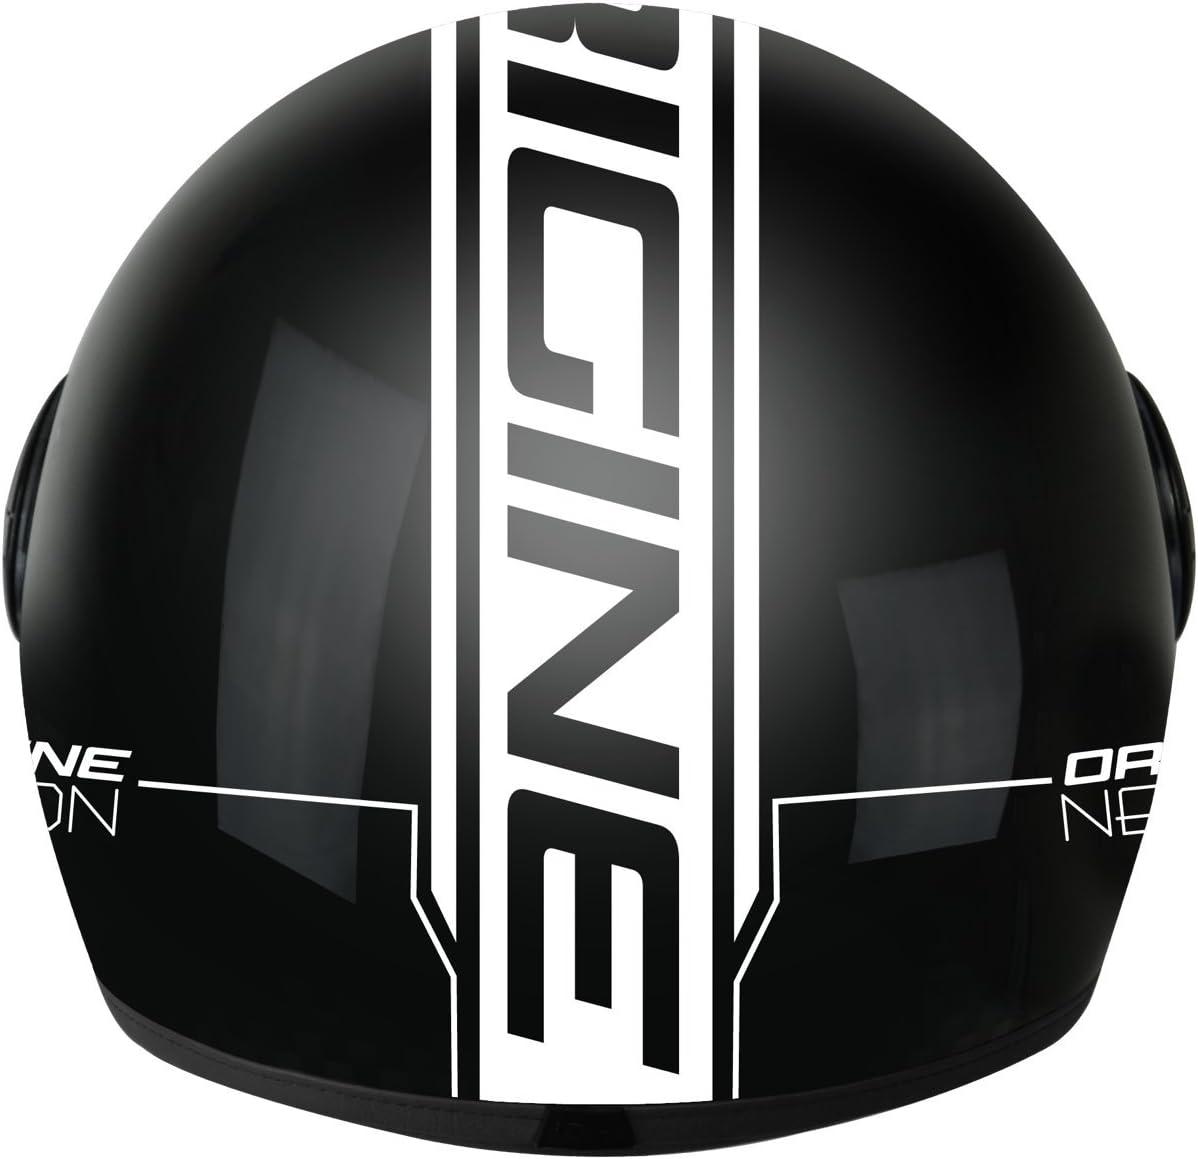 talla XL 201585010100106/- Casco Demi Jet Neon urbano Origine Helmets color negro